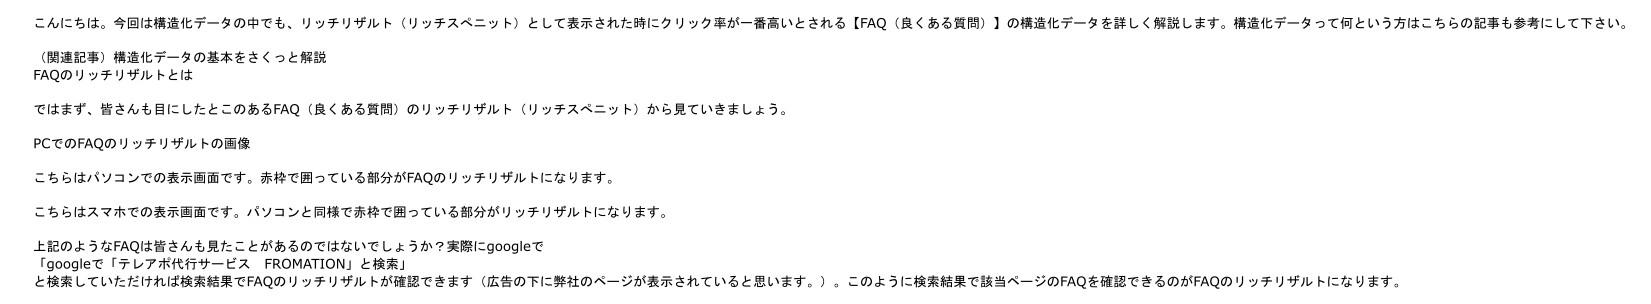 OCR処理画像01